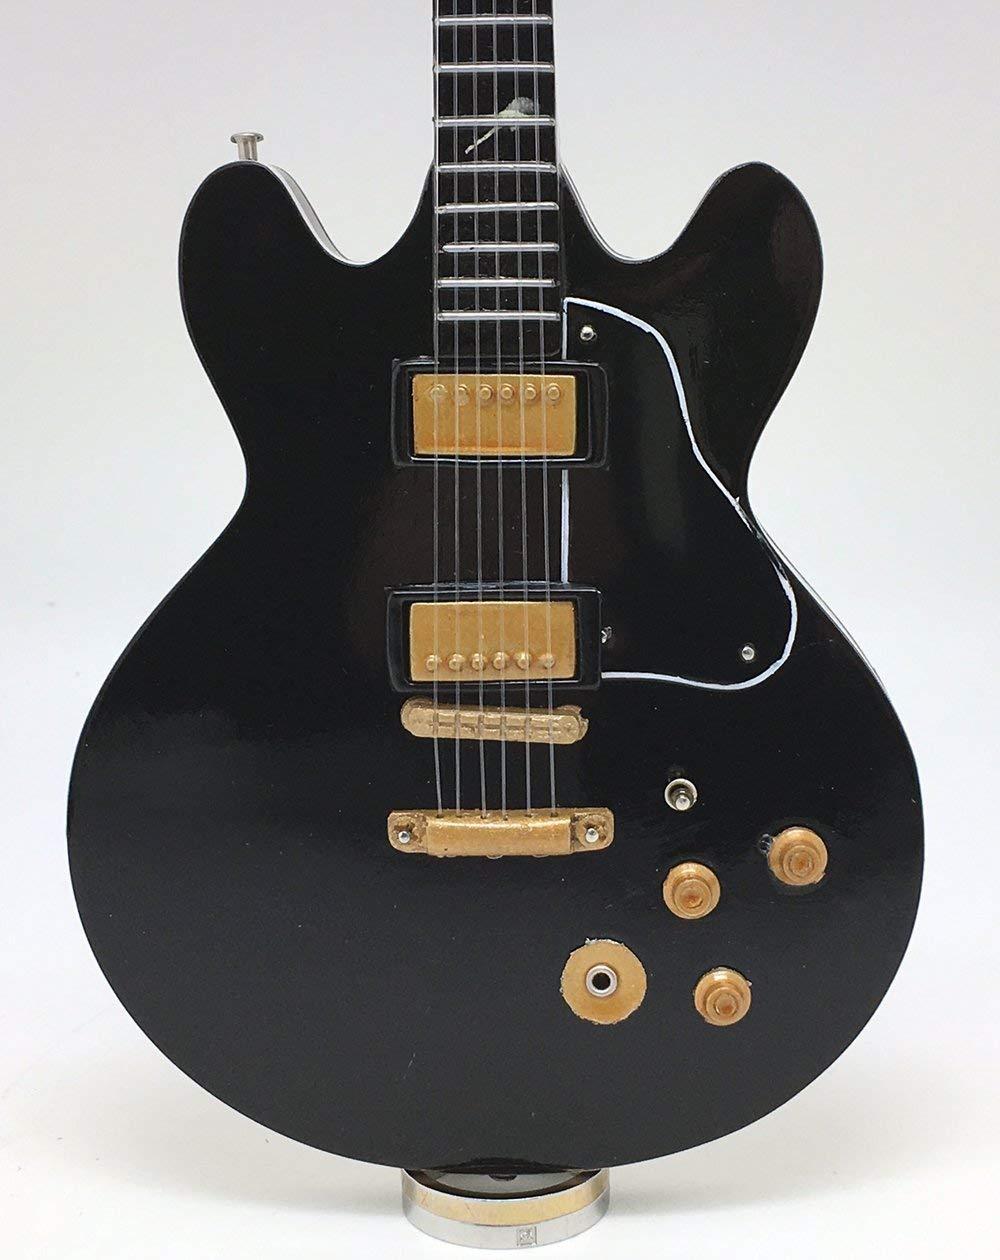 E-Model ミニチュア ギター B.B KING スタイル画像